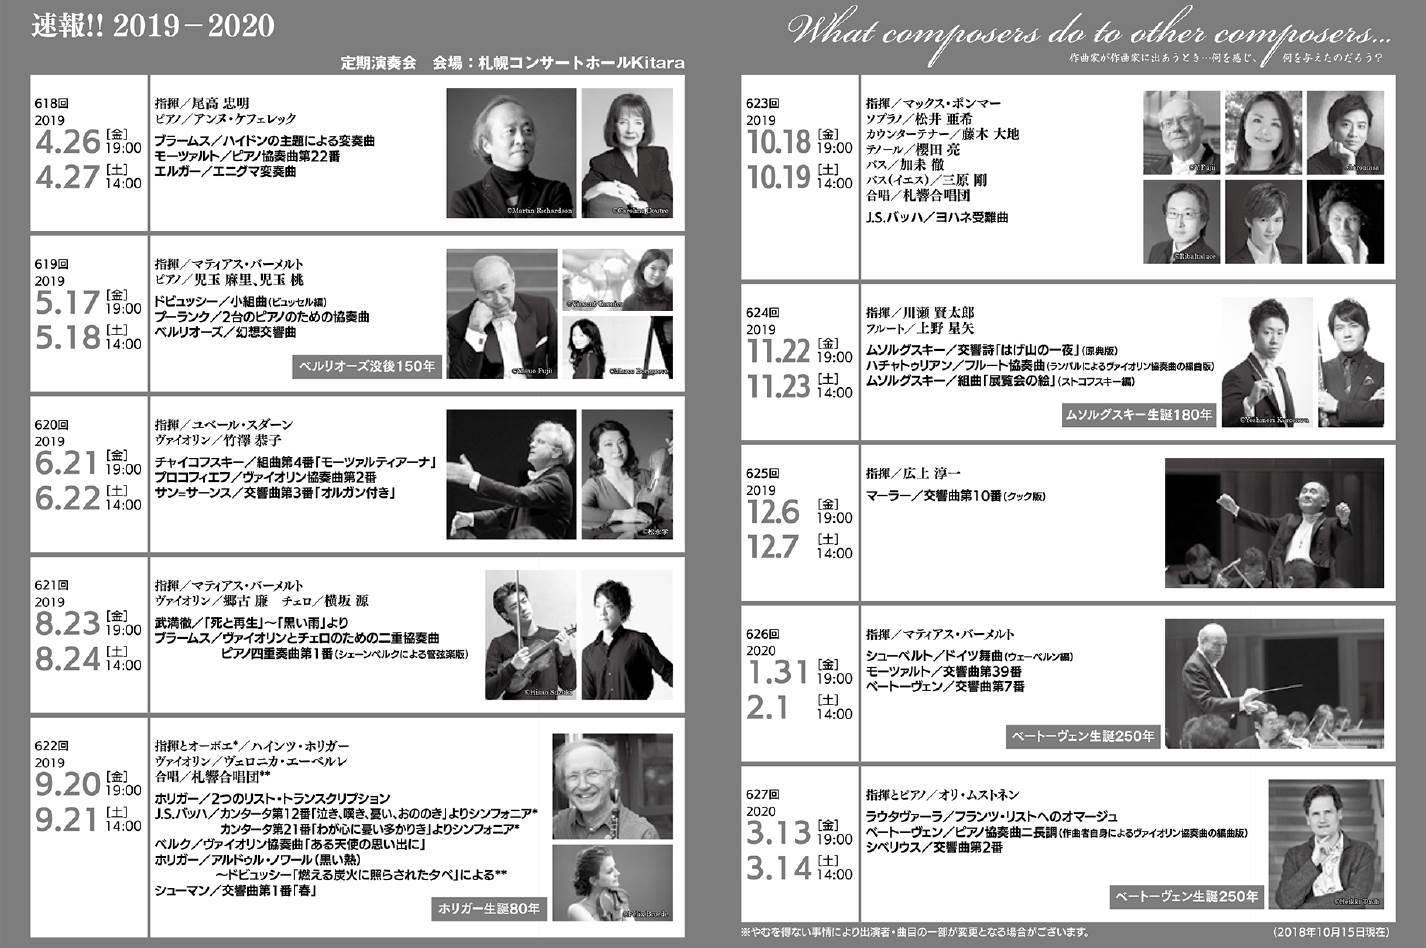 速報! 2019-2020シーズン『札幌交響楽団定期演奏会』ラインナップ発表